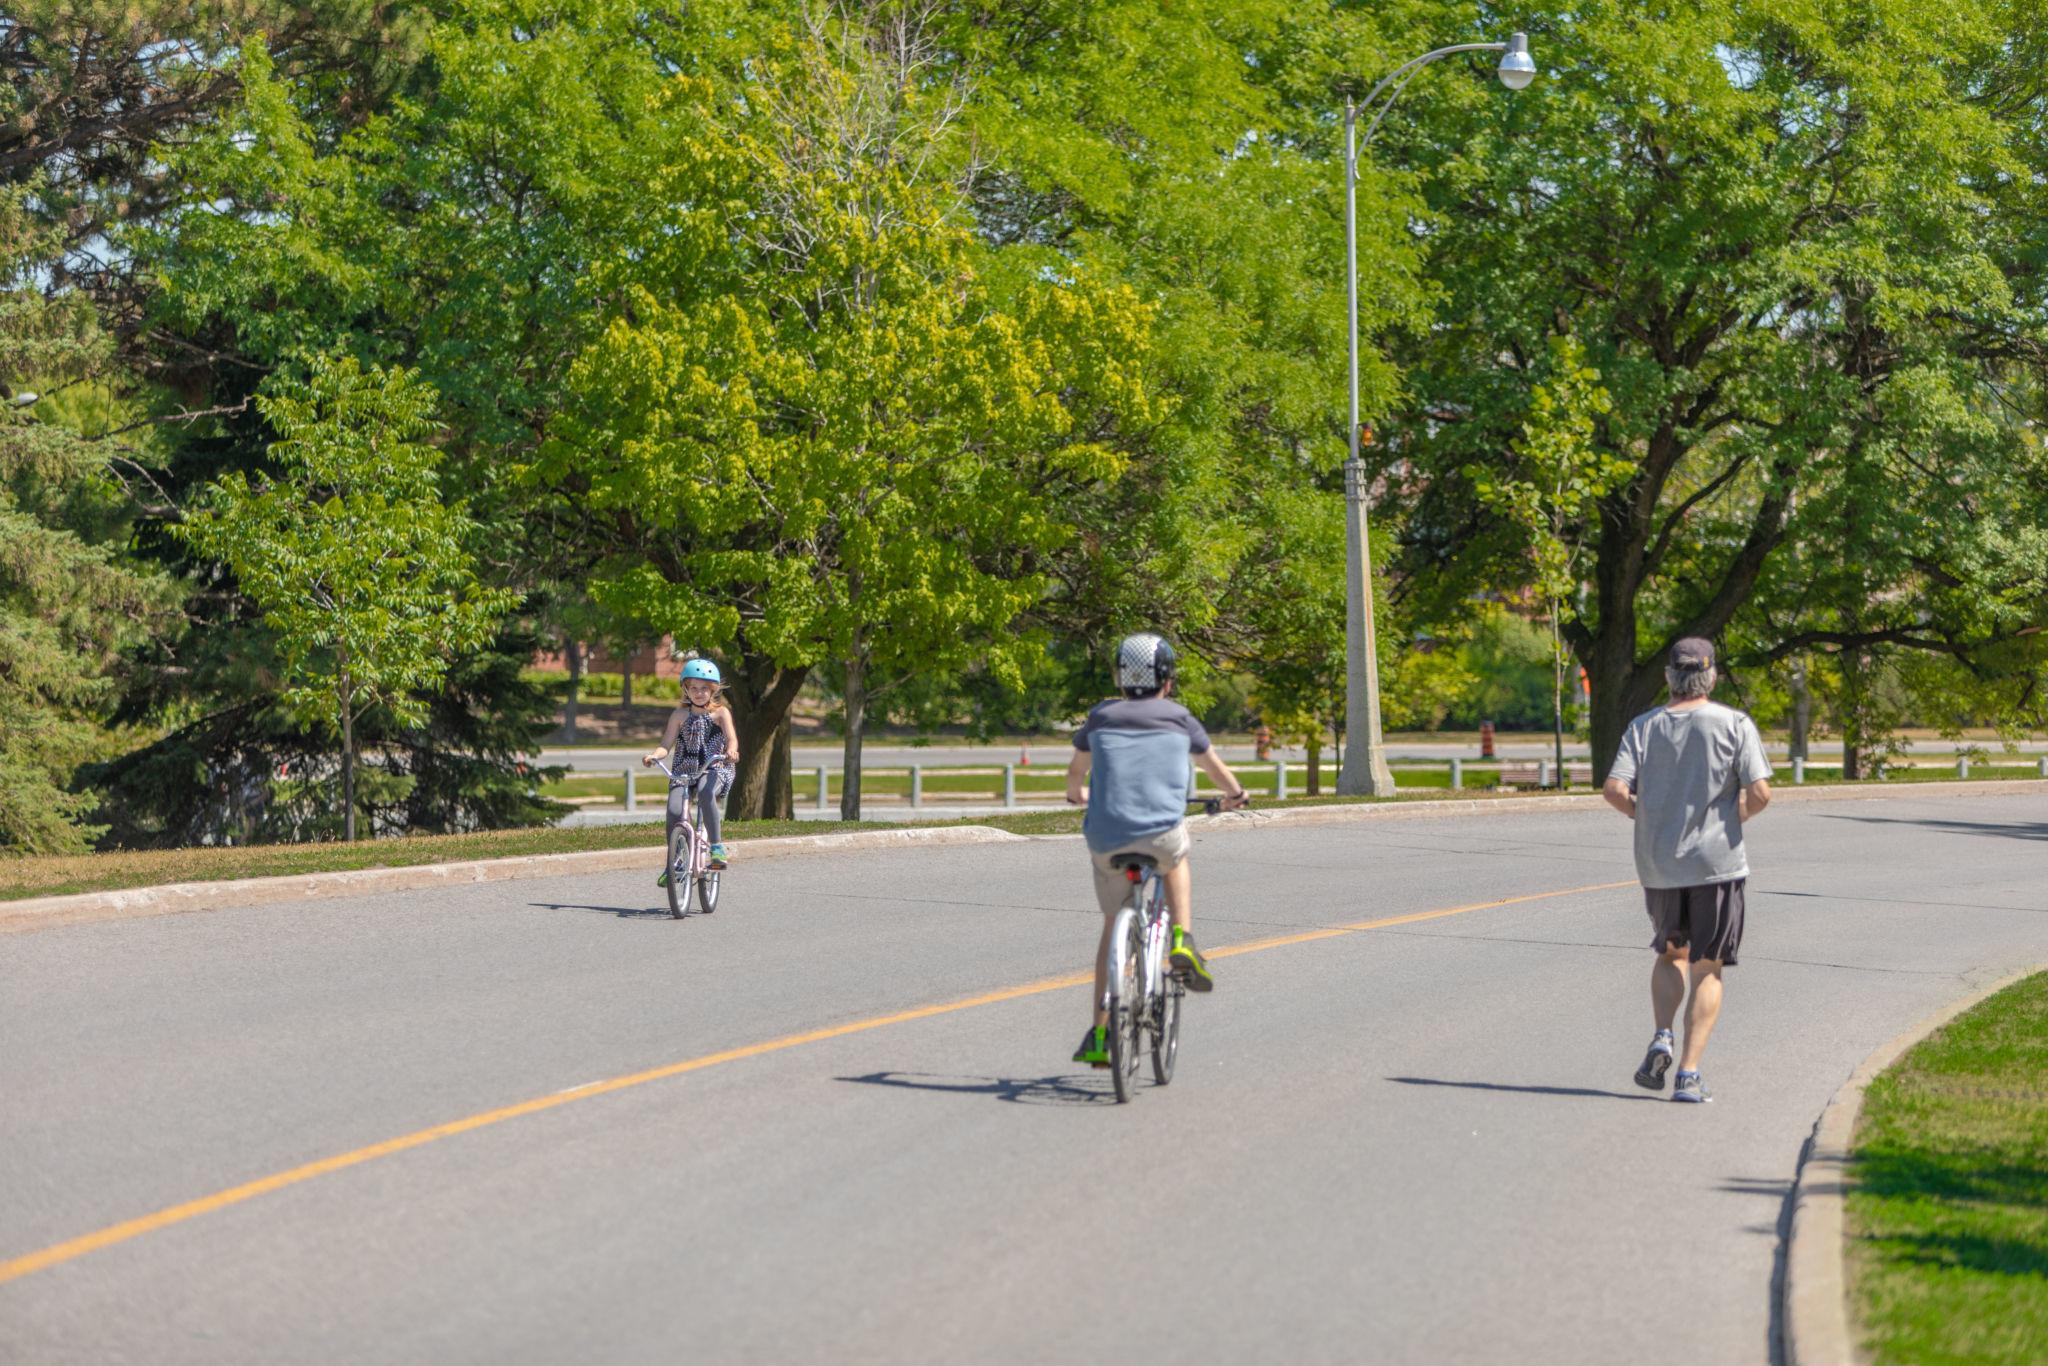 People biking on the car-free Queen Elizabeth Driveway during Bikedays.Cyclistes roulant sur la promenade de la Reine-Elizabeth sans autos